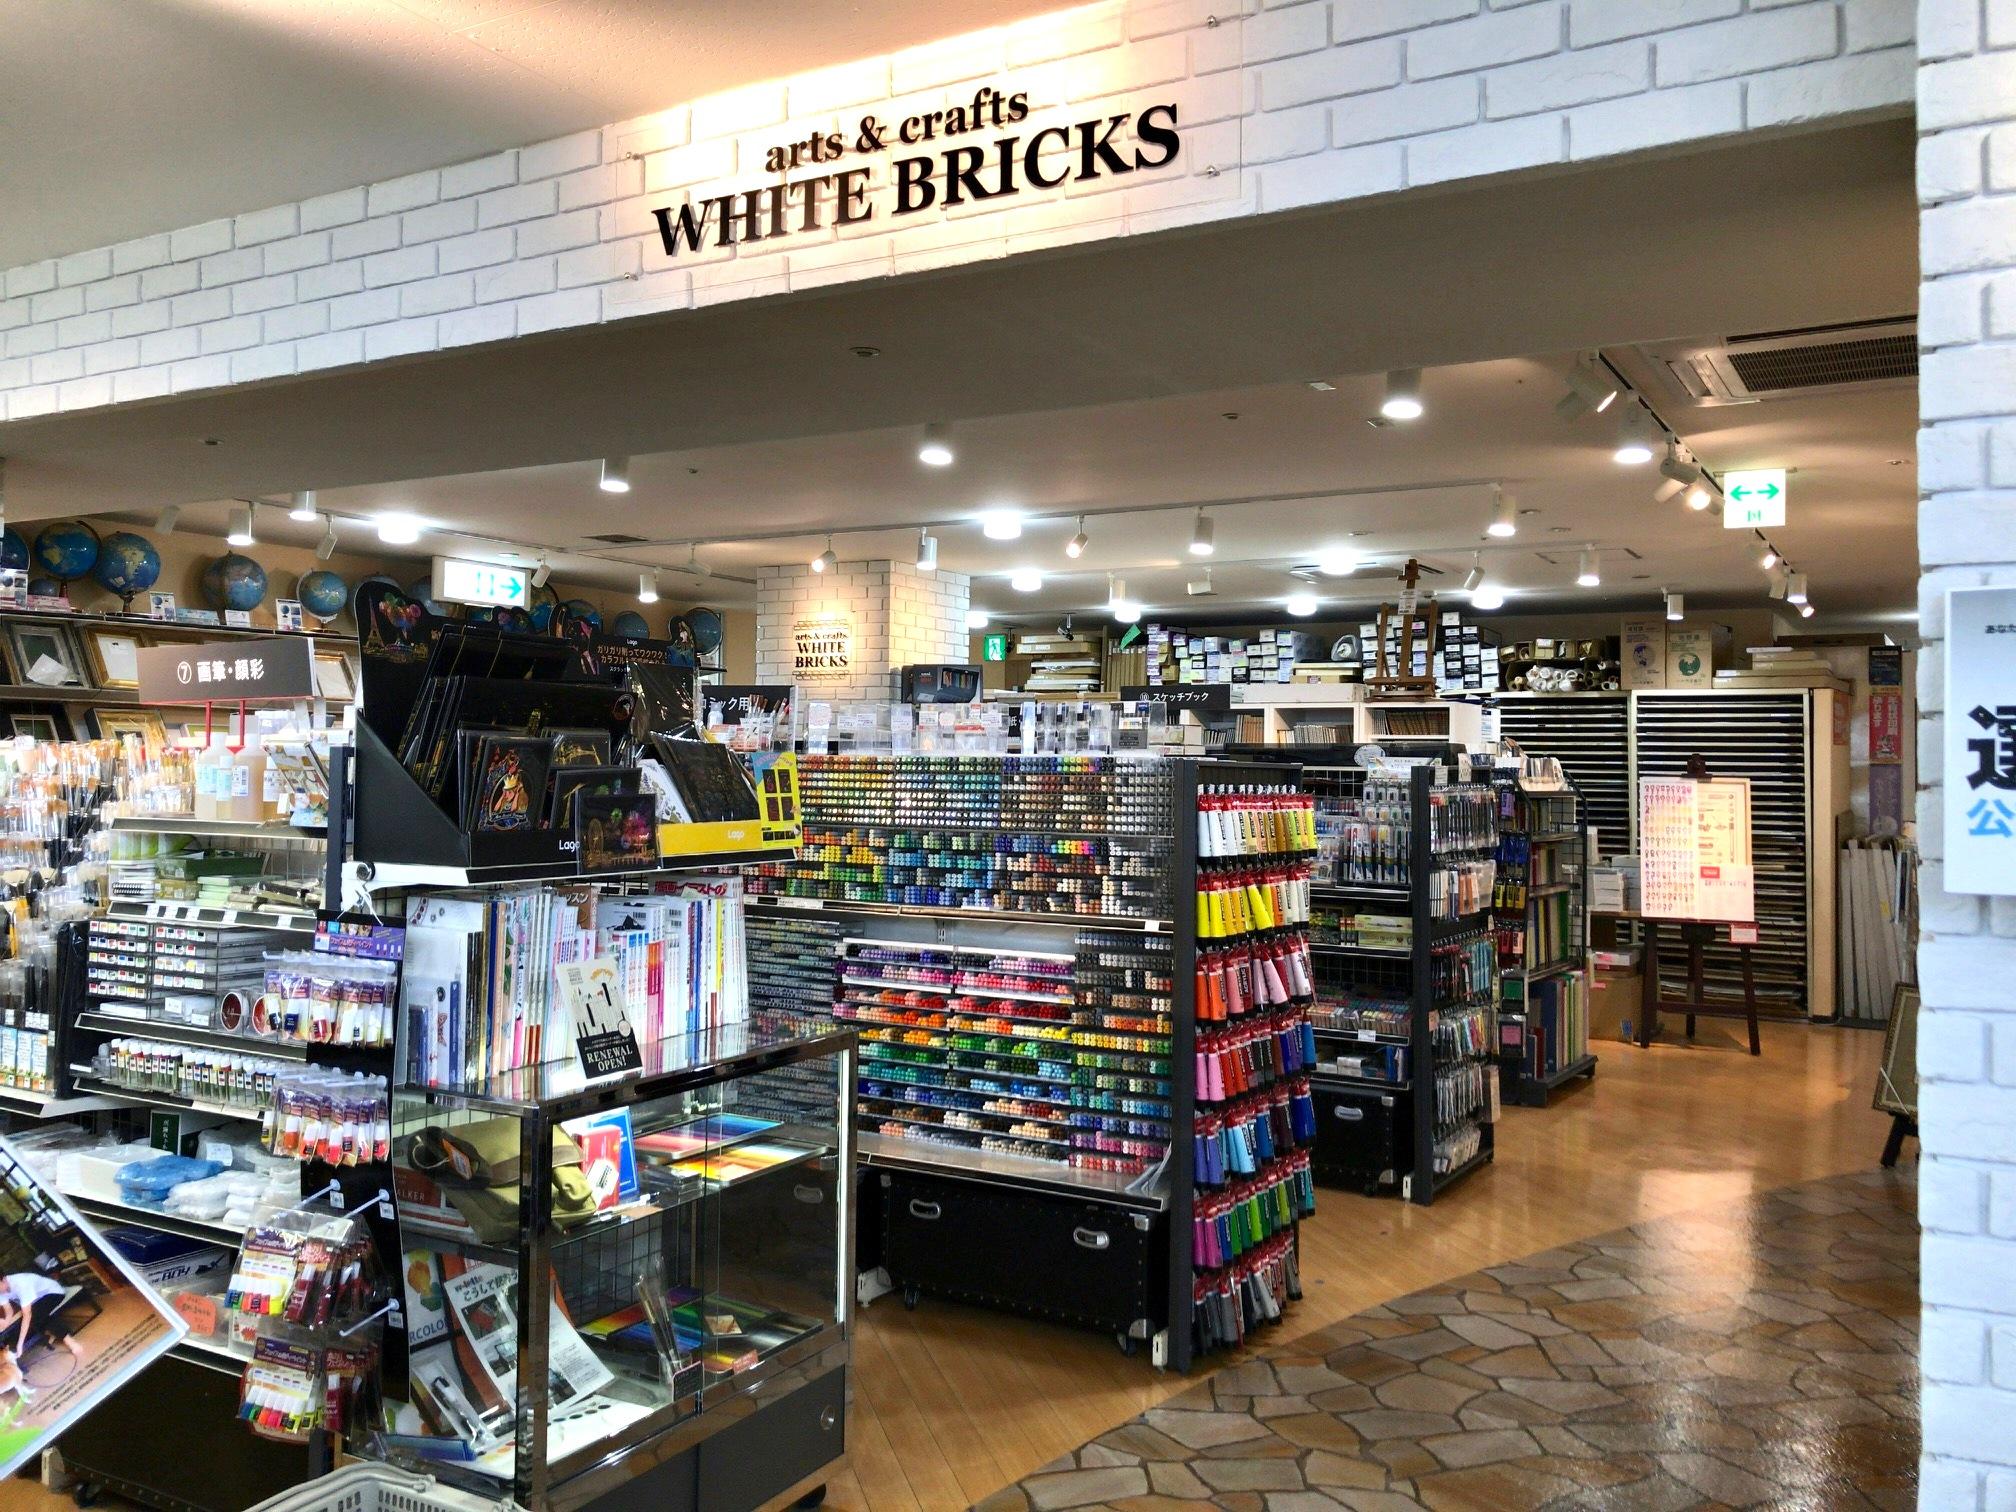 小日向京のひねもす文房具|第百十六回「本店画材売場・arts & crafts WHITE BRICKS」